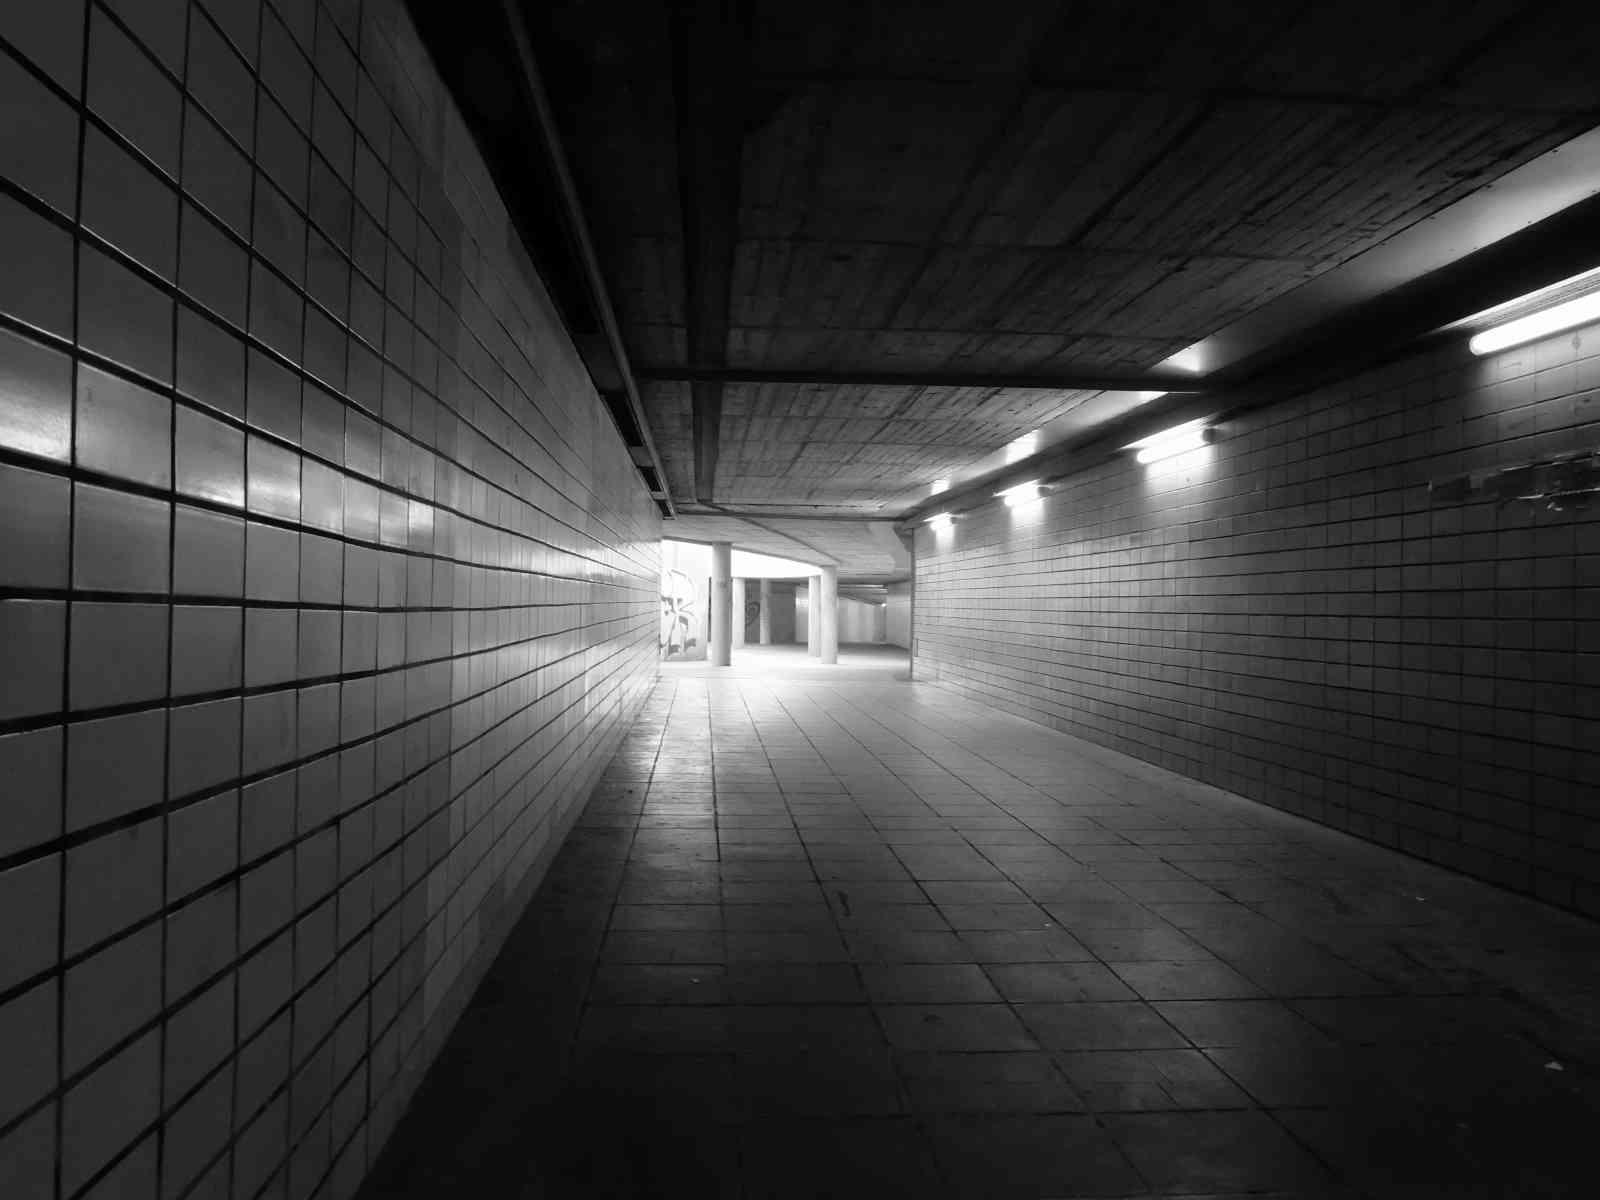 Im Untergrund - Stille